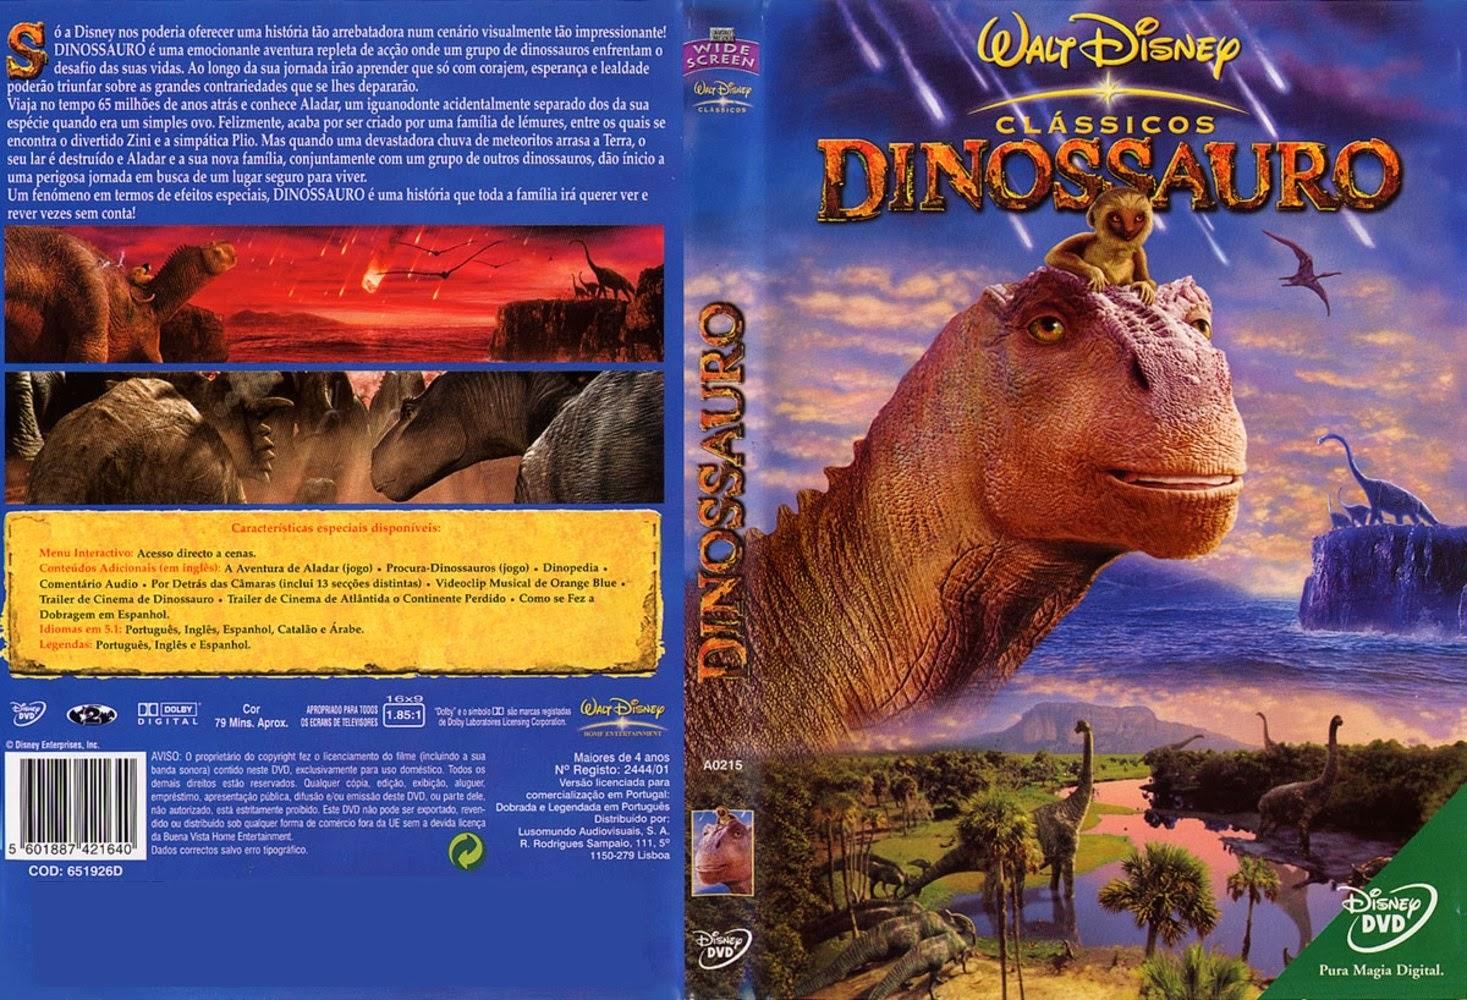 Dinossauro DVD Capa